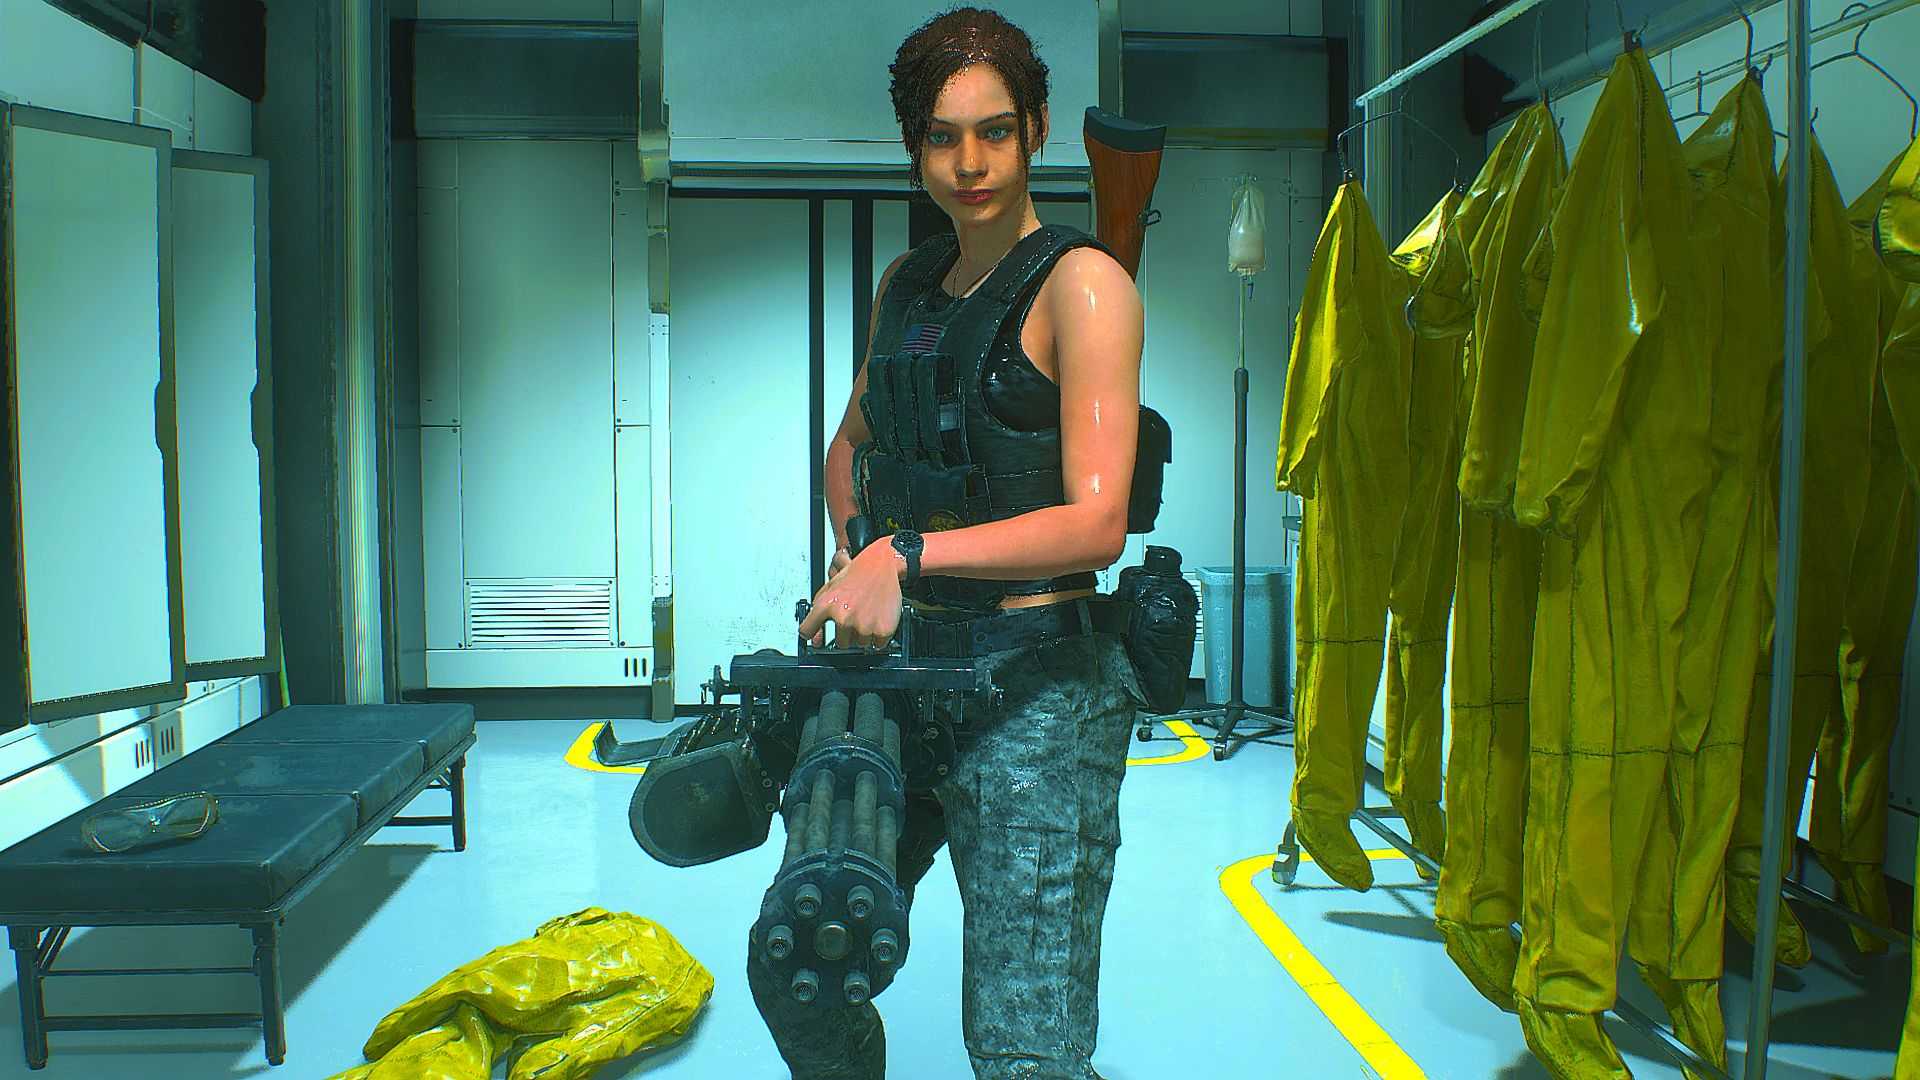 000212.Jpg - Resident Evil 2